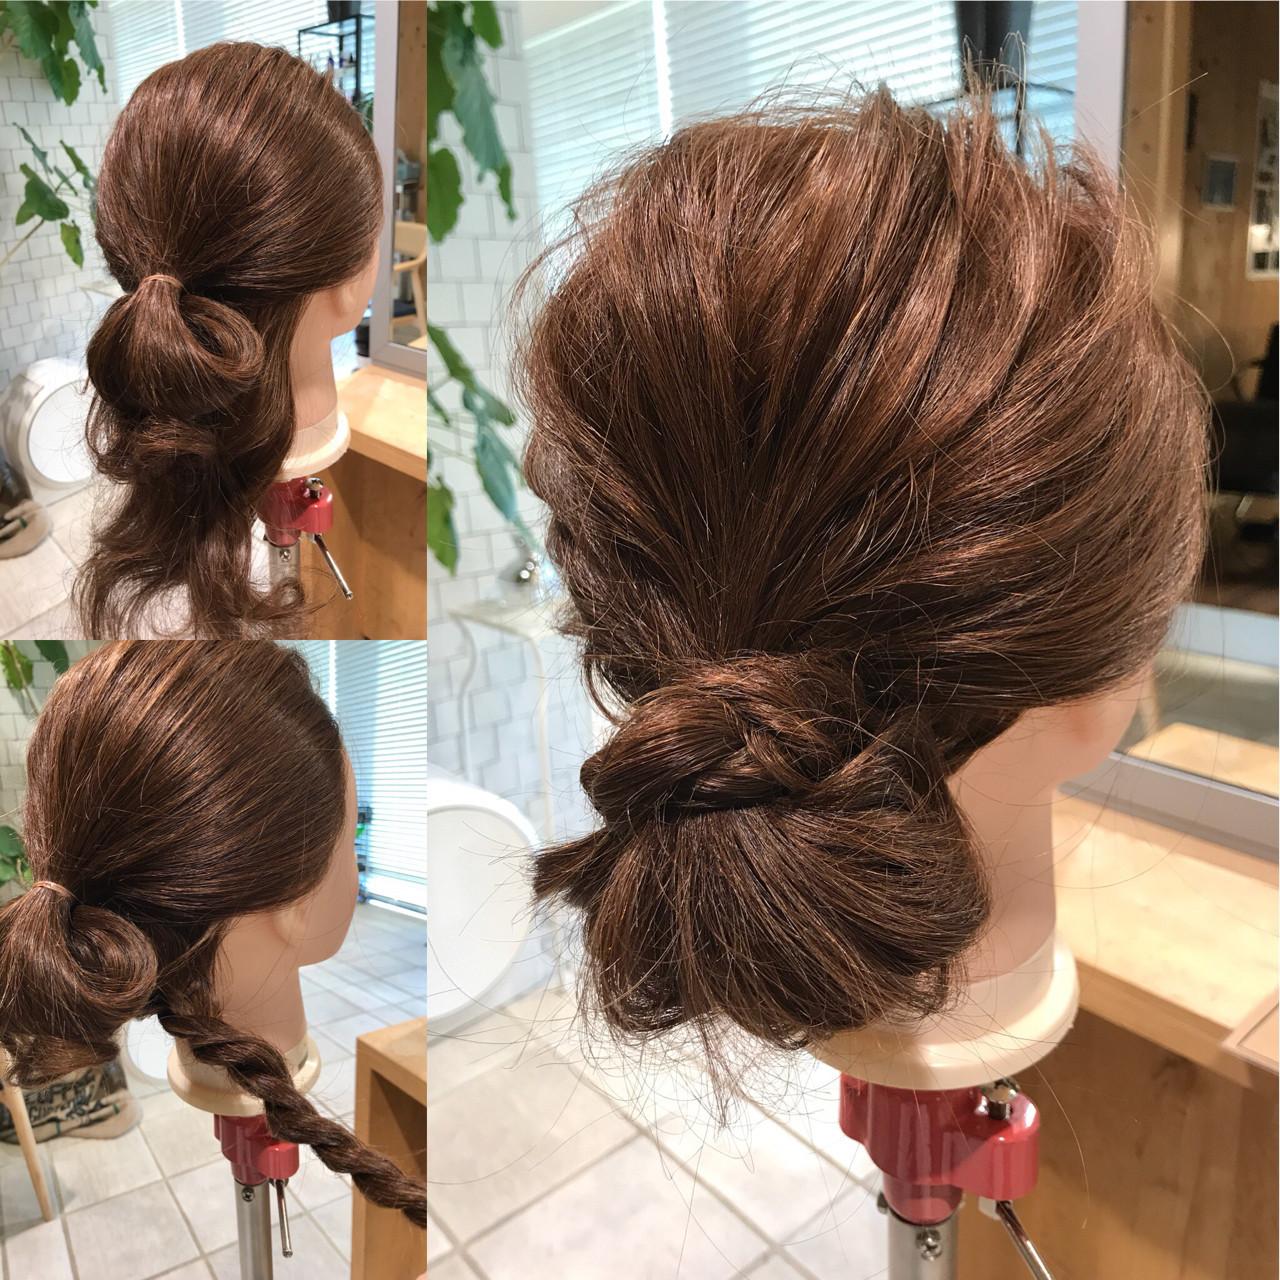 カジュアルにも似合うロングヘアのロープ編み YASU | hair salon M.plus ヨツバコ店 (ヘアーサロン エムプラス)